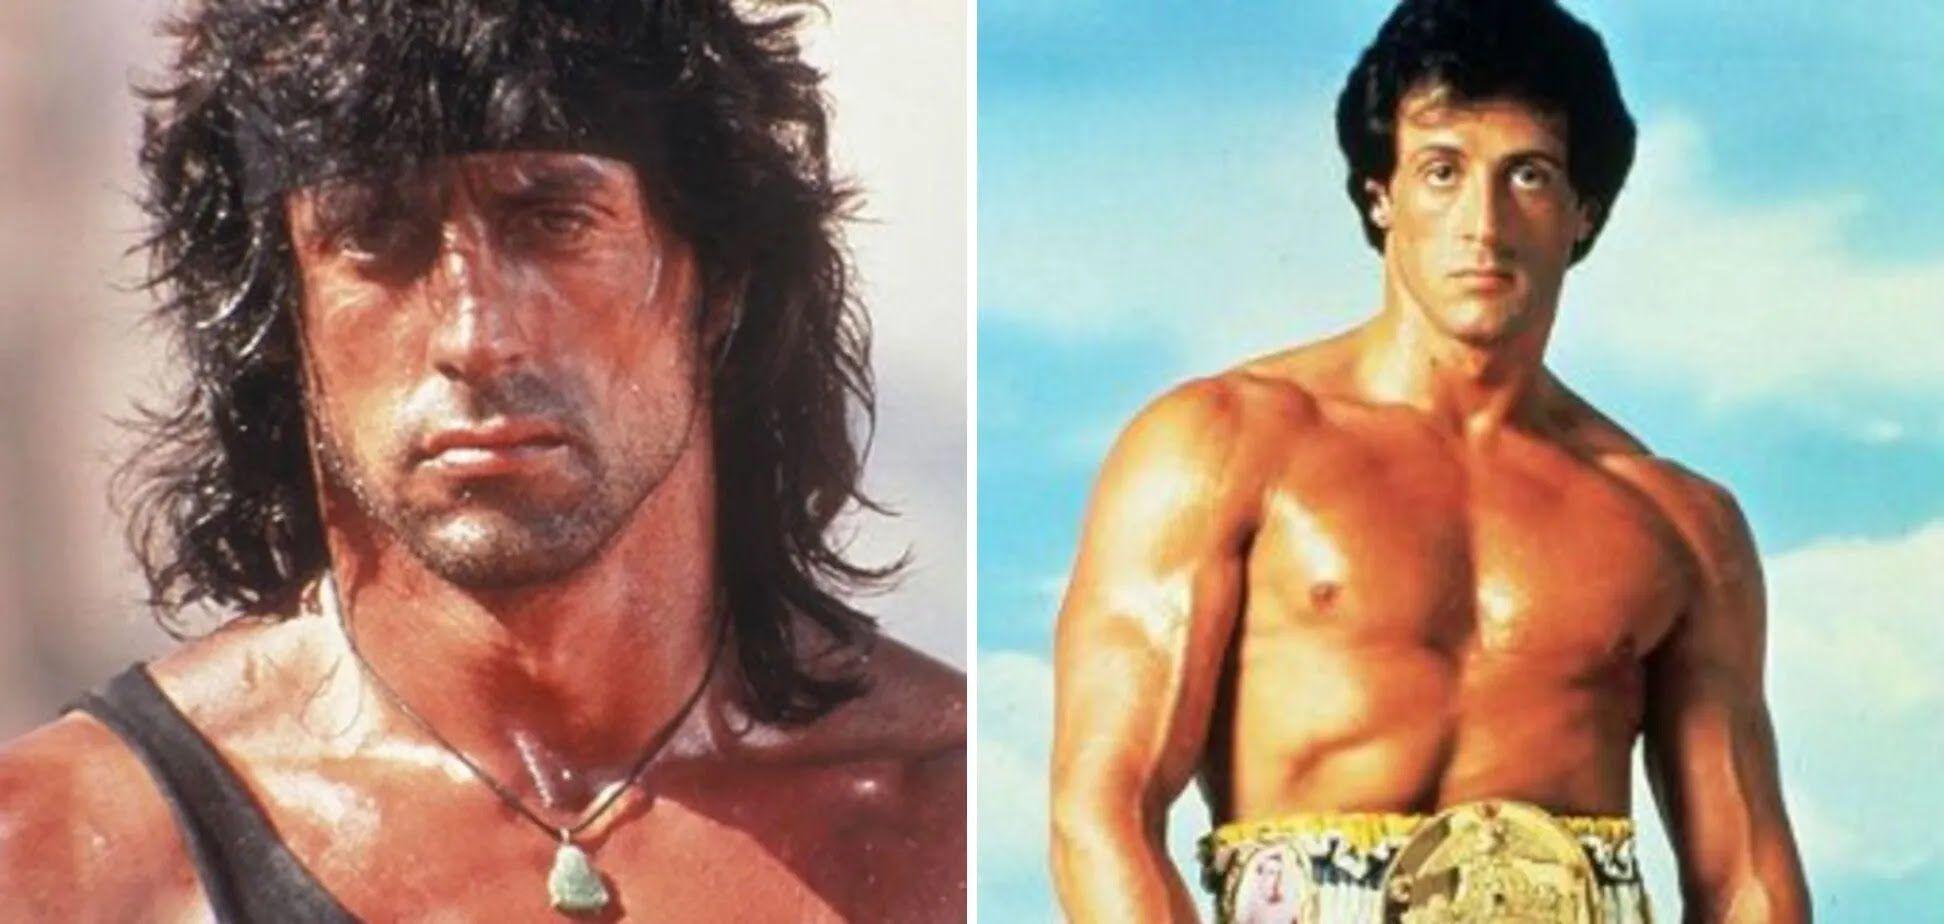 """Впервые актер появился в кино в 1970 году в порнографическом фильме """"Итальянский жеребец""""."""